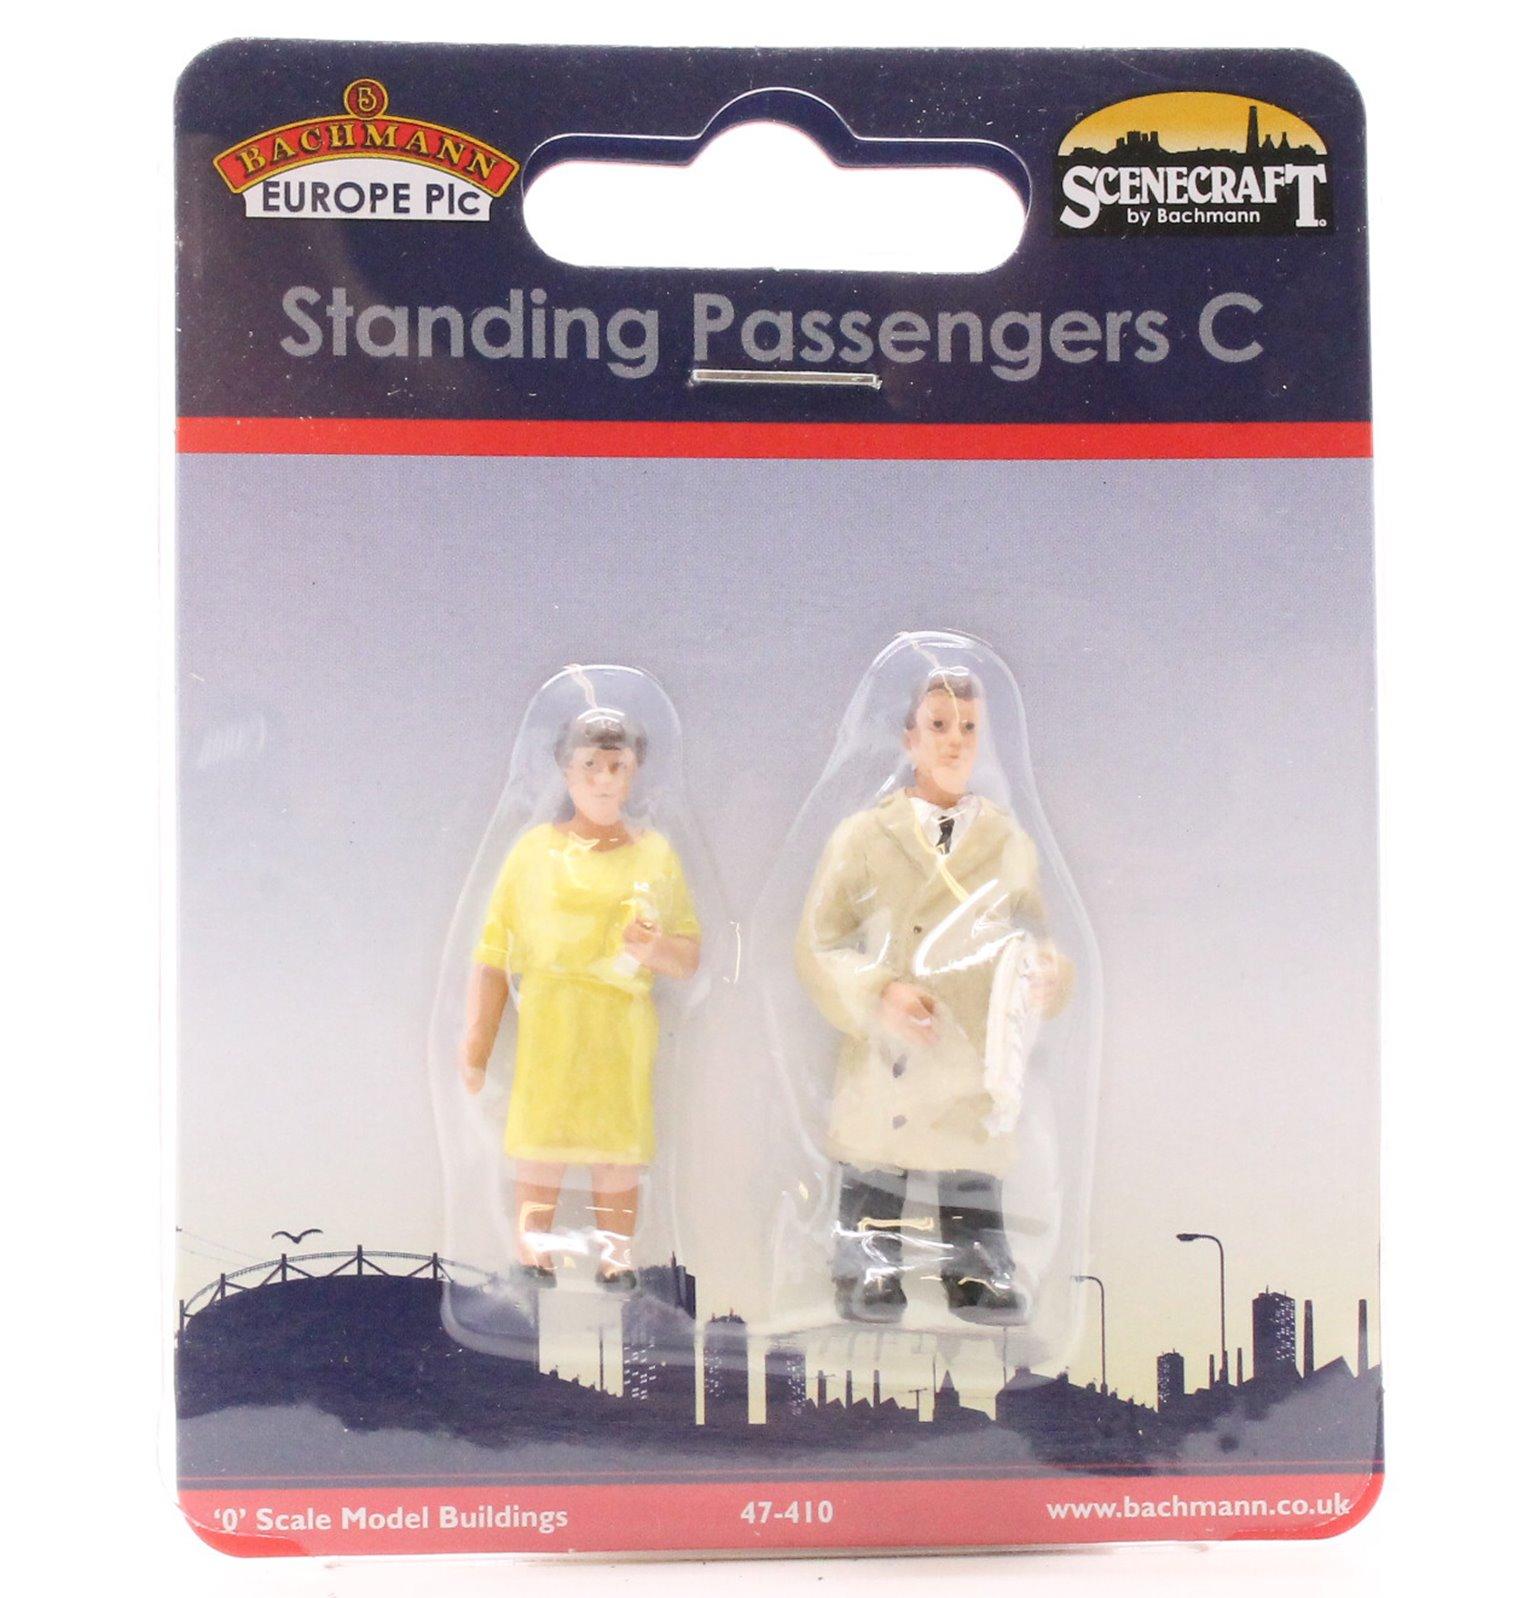 Standing Passengers C